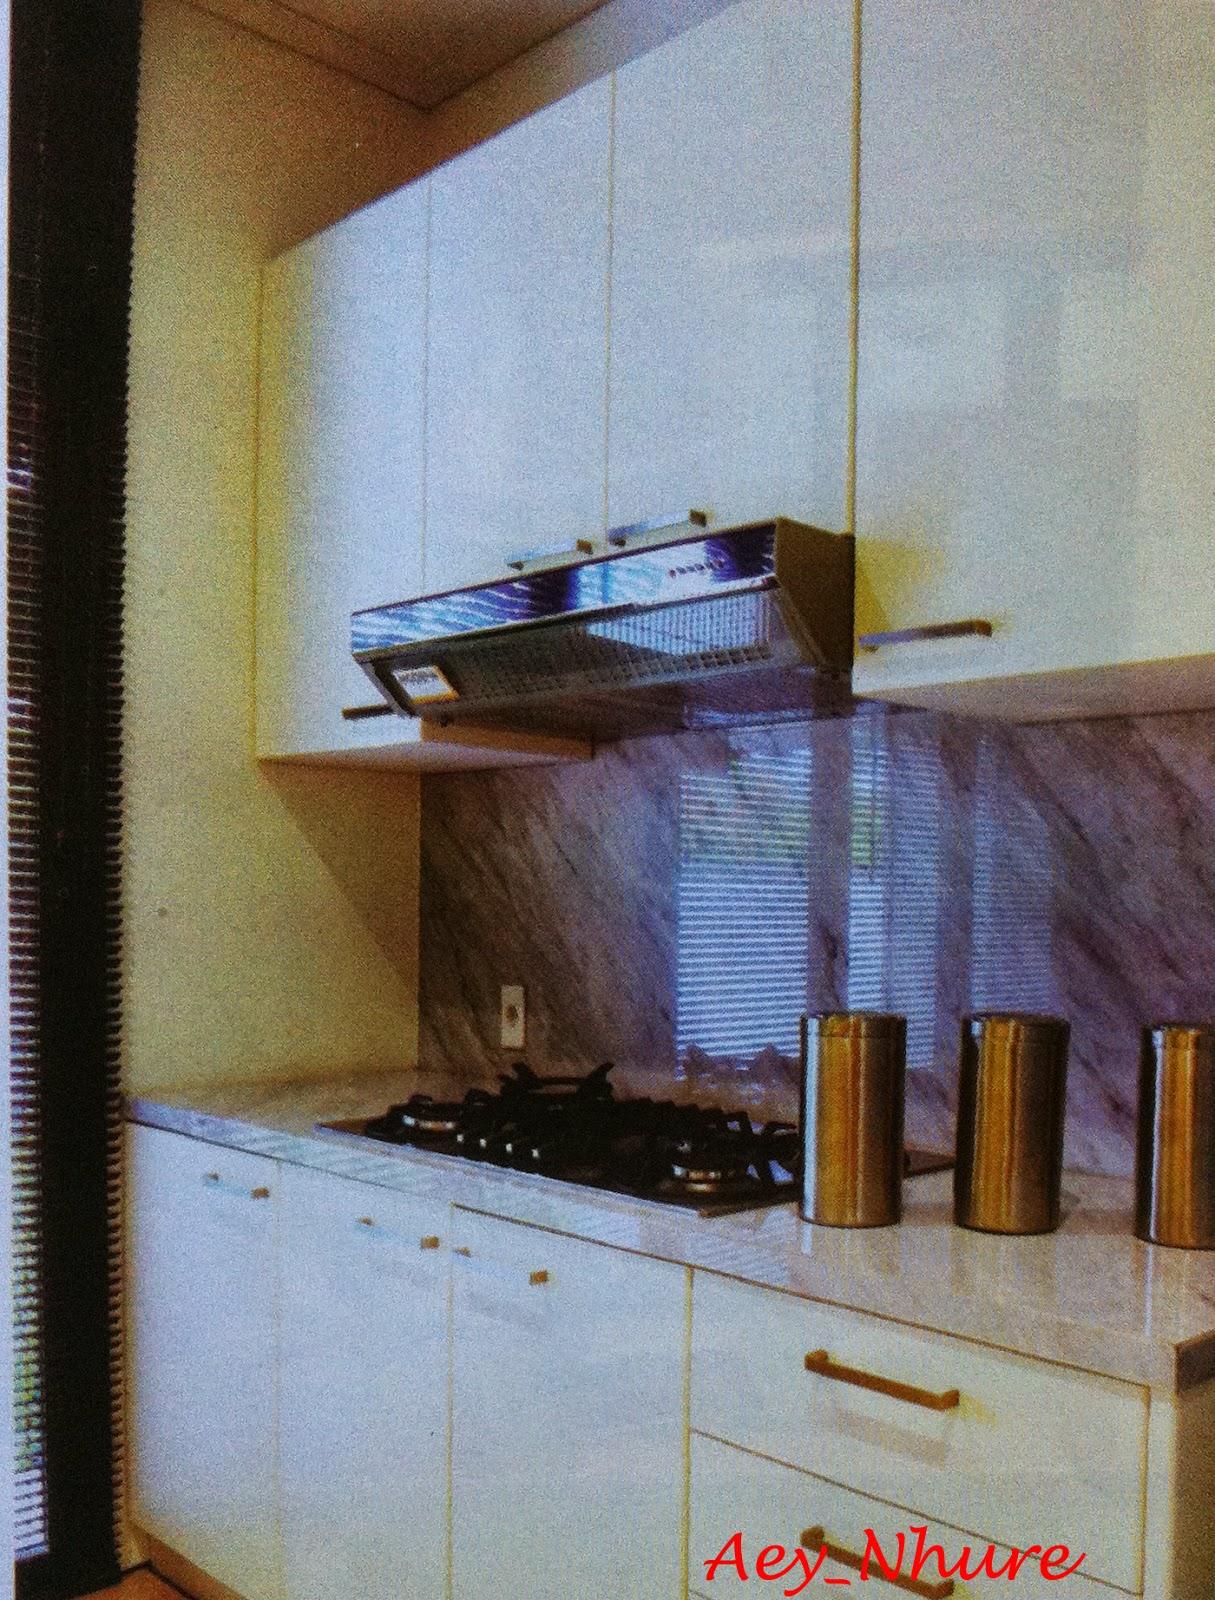 Dapur Dirancang Modern Menggunakan Konfigurasi Line Dua Sisinya Salah Satu Mengakomodir Aktivitas Memasak Berdekatan Dengan Ruang Makan